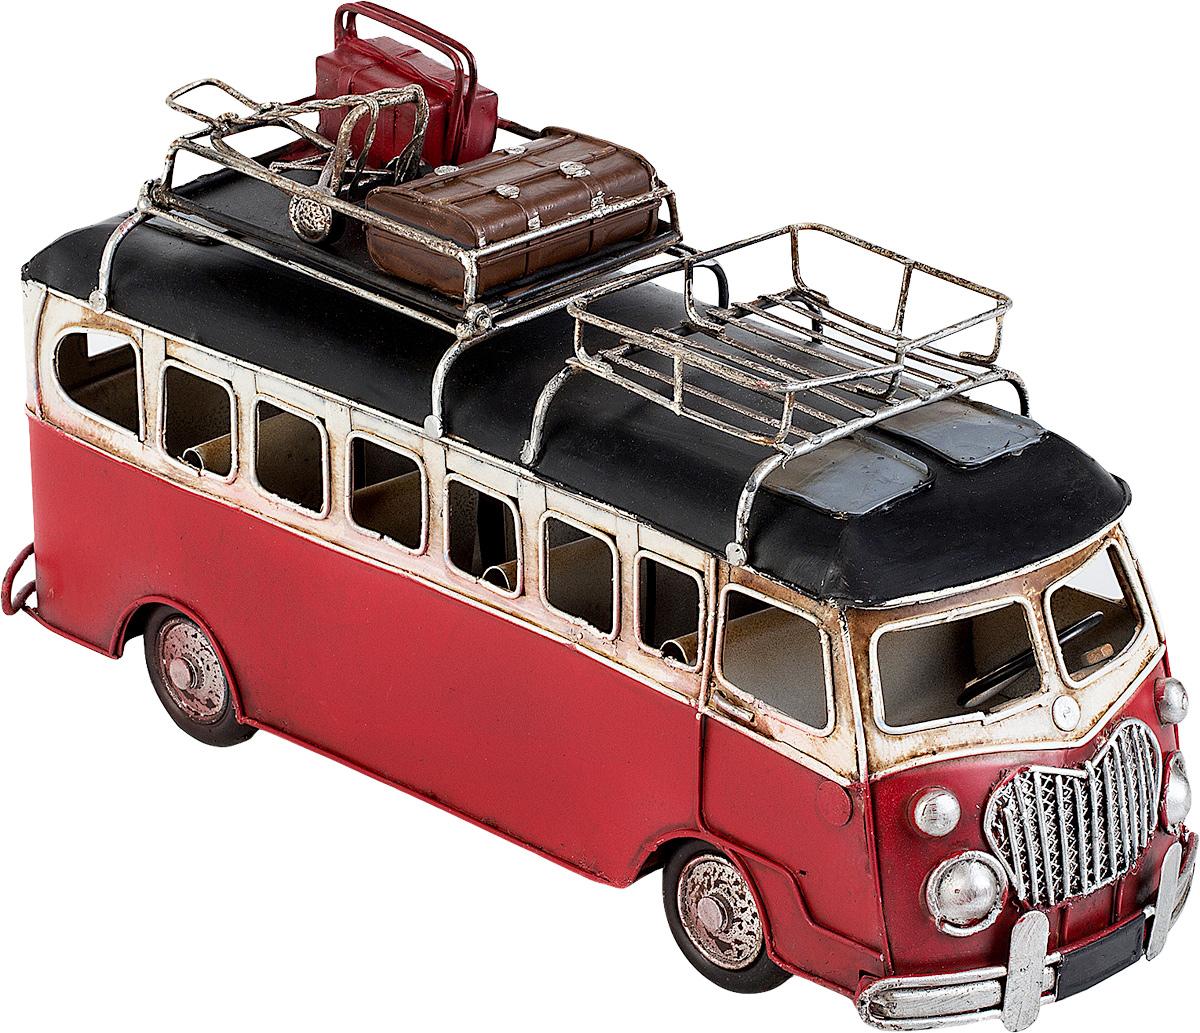 Модель Platinum Автобус. 1404E-42391404E-4239Модель Platinum Автобус, выполненная из металла, станет оригинальным украшением вашего интерьера. Вы можете поставить модель автобуса в любом месте, где она будет удачно смотреться. Качество исполнения, точные детали и оригинальный дизайн выделяют эту модель среди ряда подобных. Модель займет достойное место в вашей коллекции, а также приятно удивит получателя в качестве стильного сувенира.